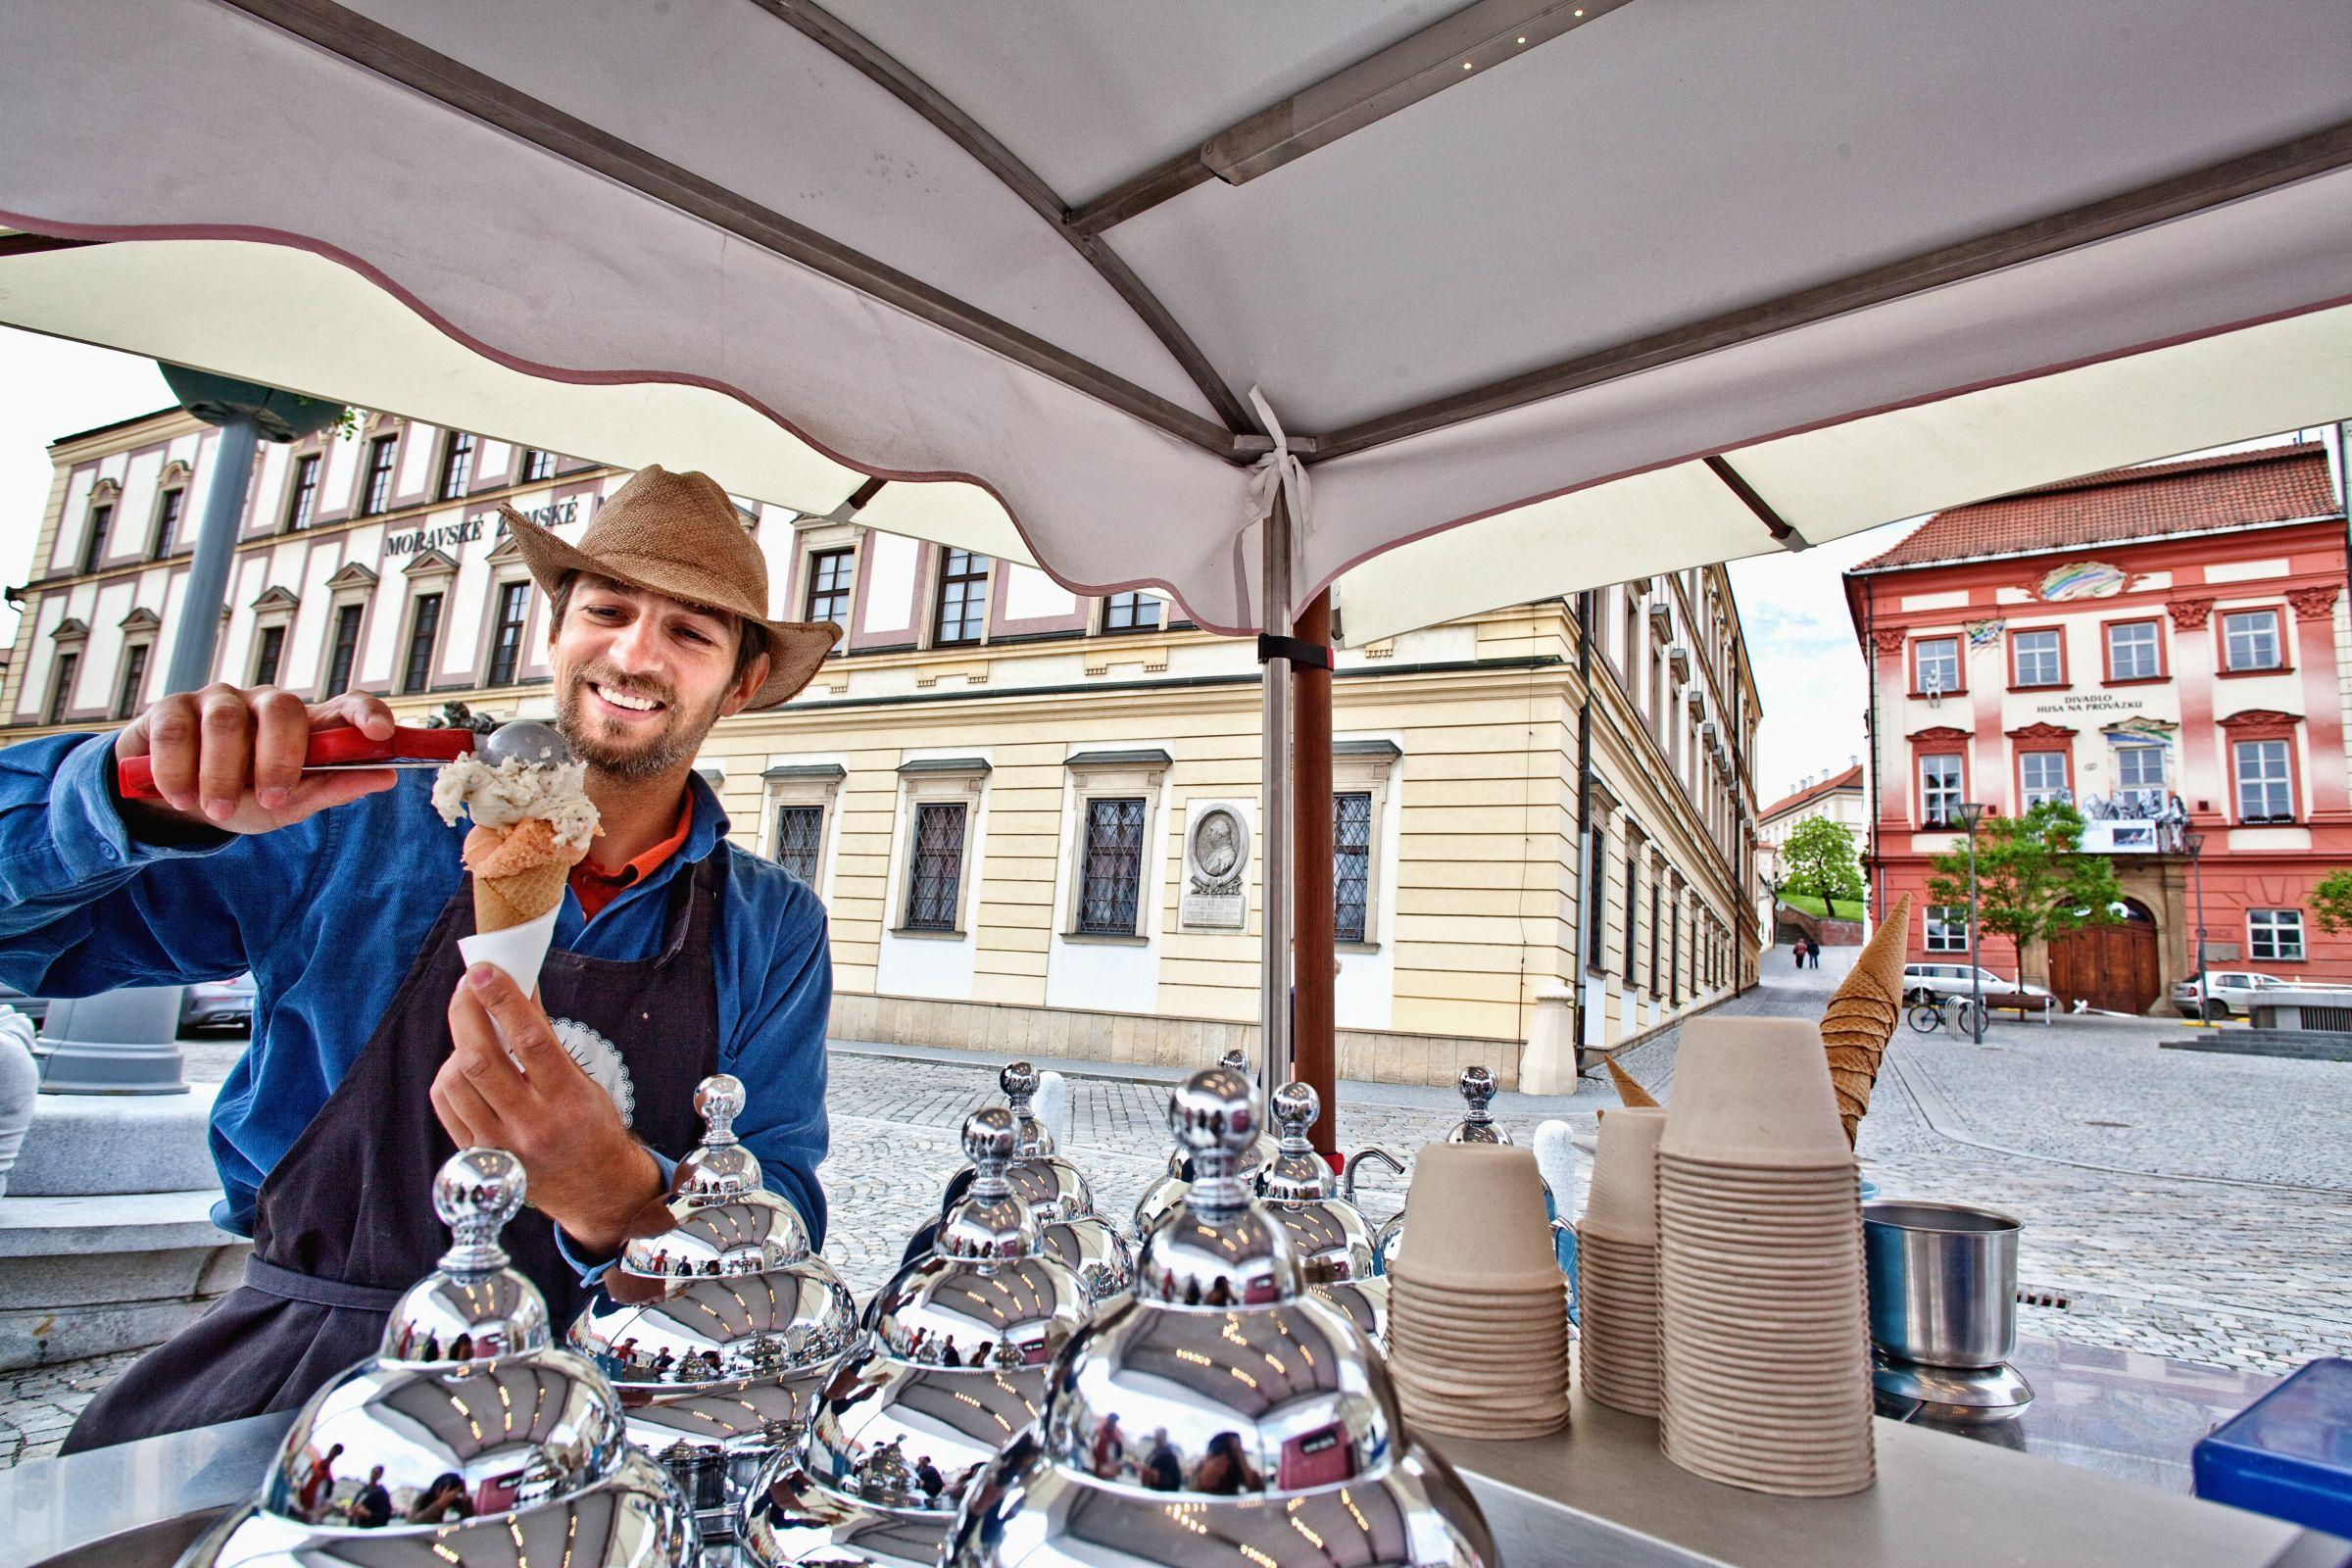 Zelný trh (Vegetable Market) in Brno